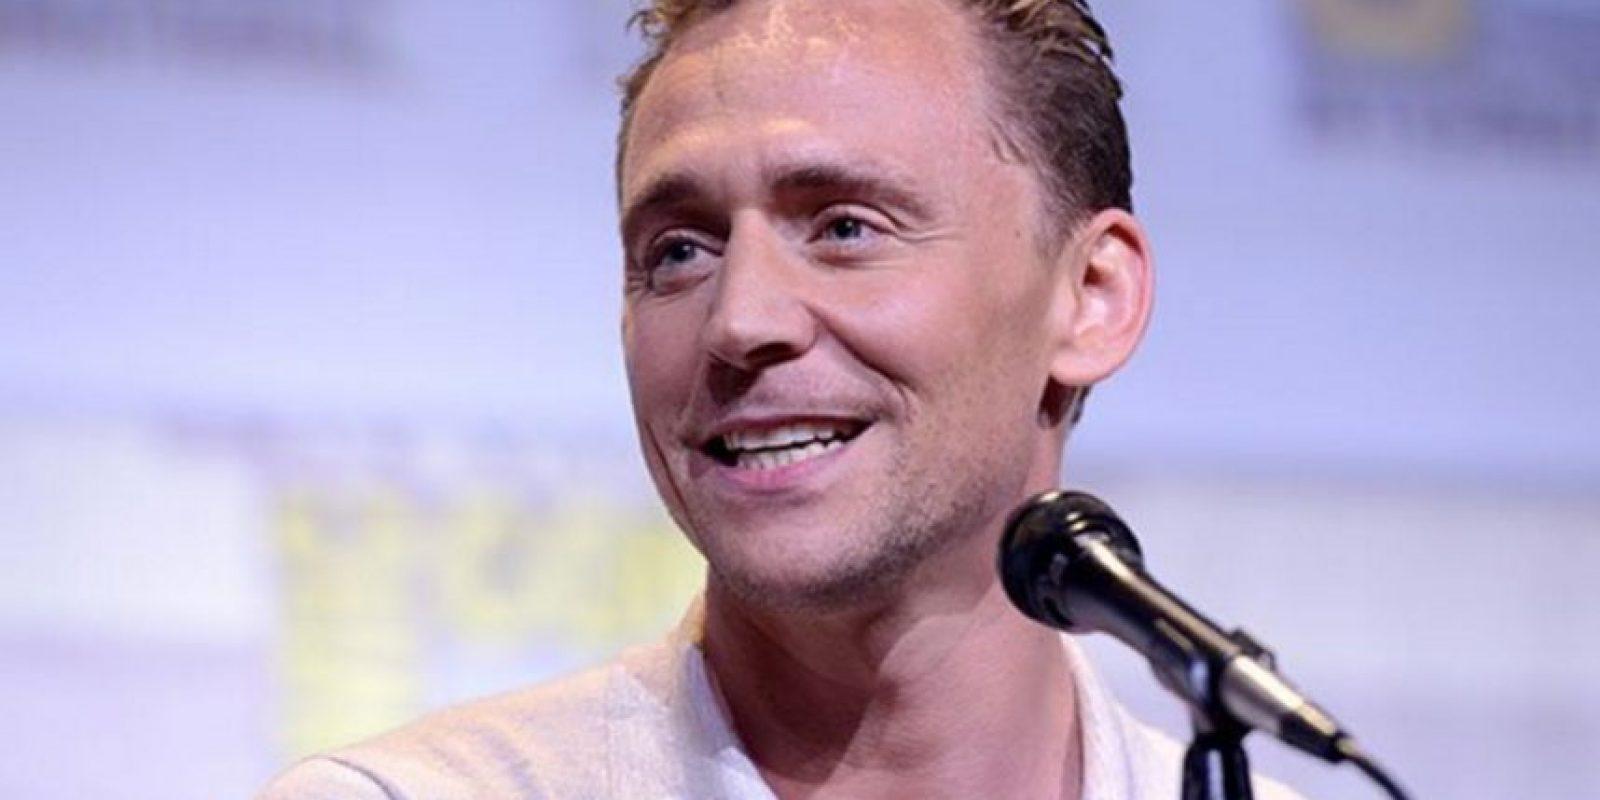 Es la primera nominación para Tom Hiddleston más allá del teatro. Foto:vía Getty Images